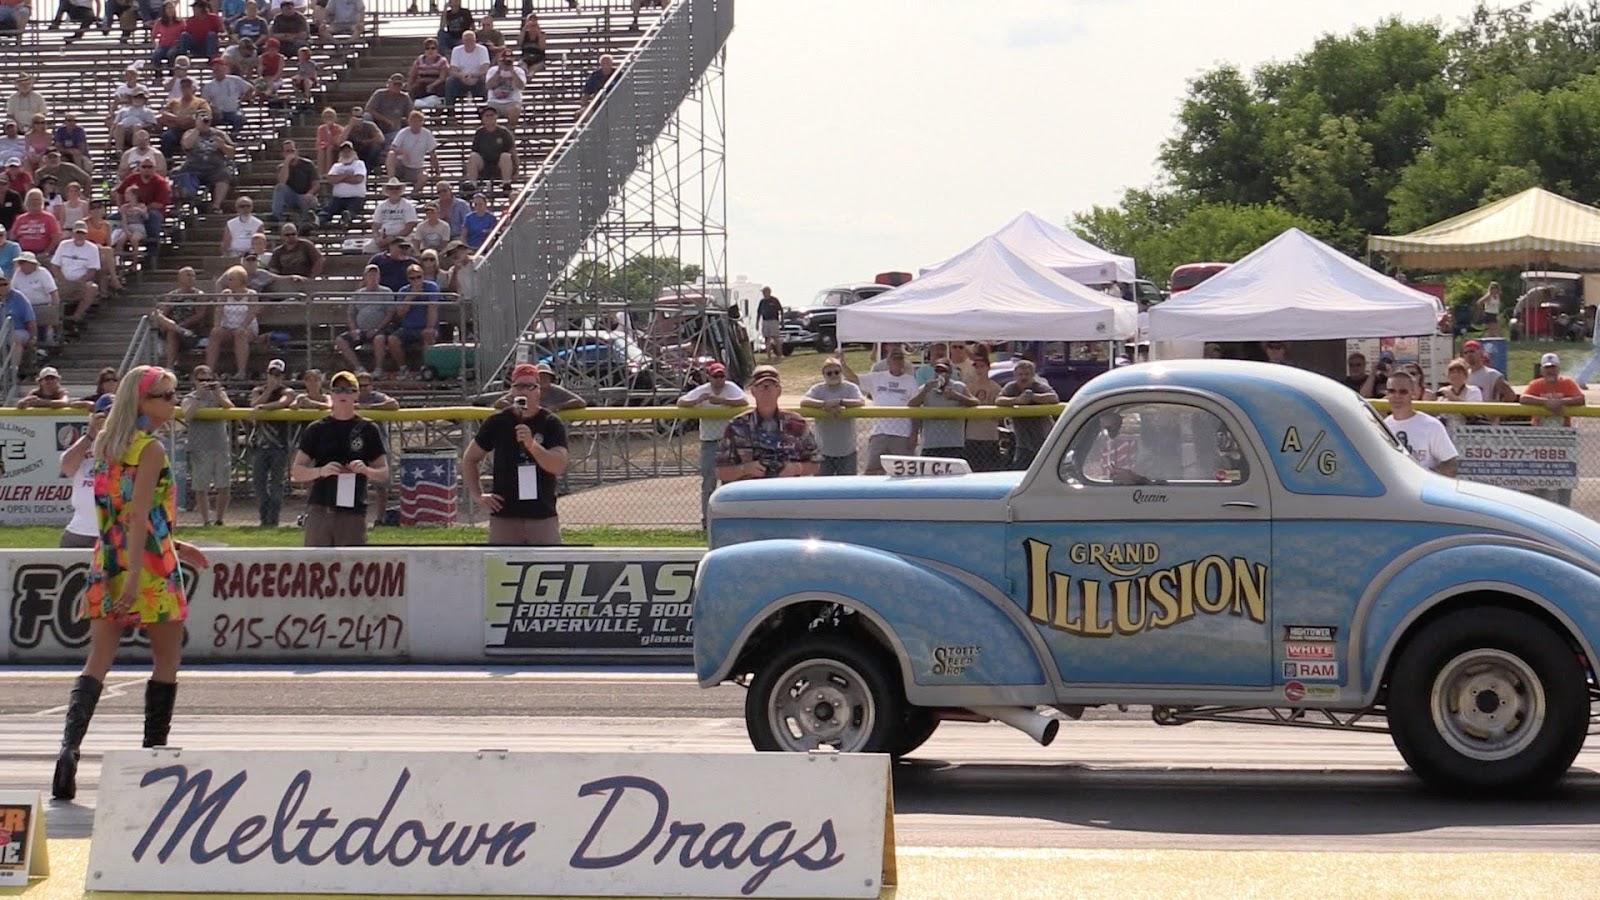 Noot: Vintage Drag Racing This Weekend